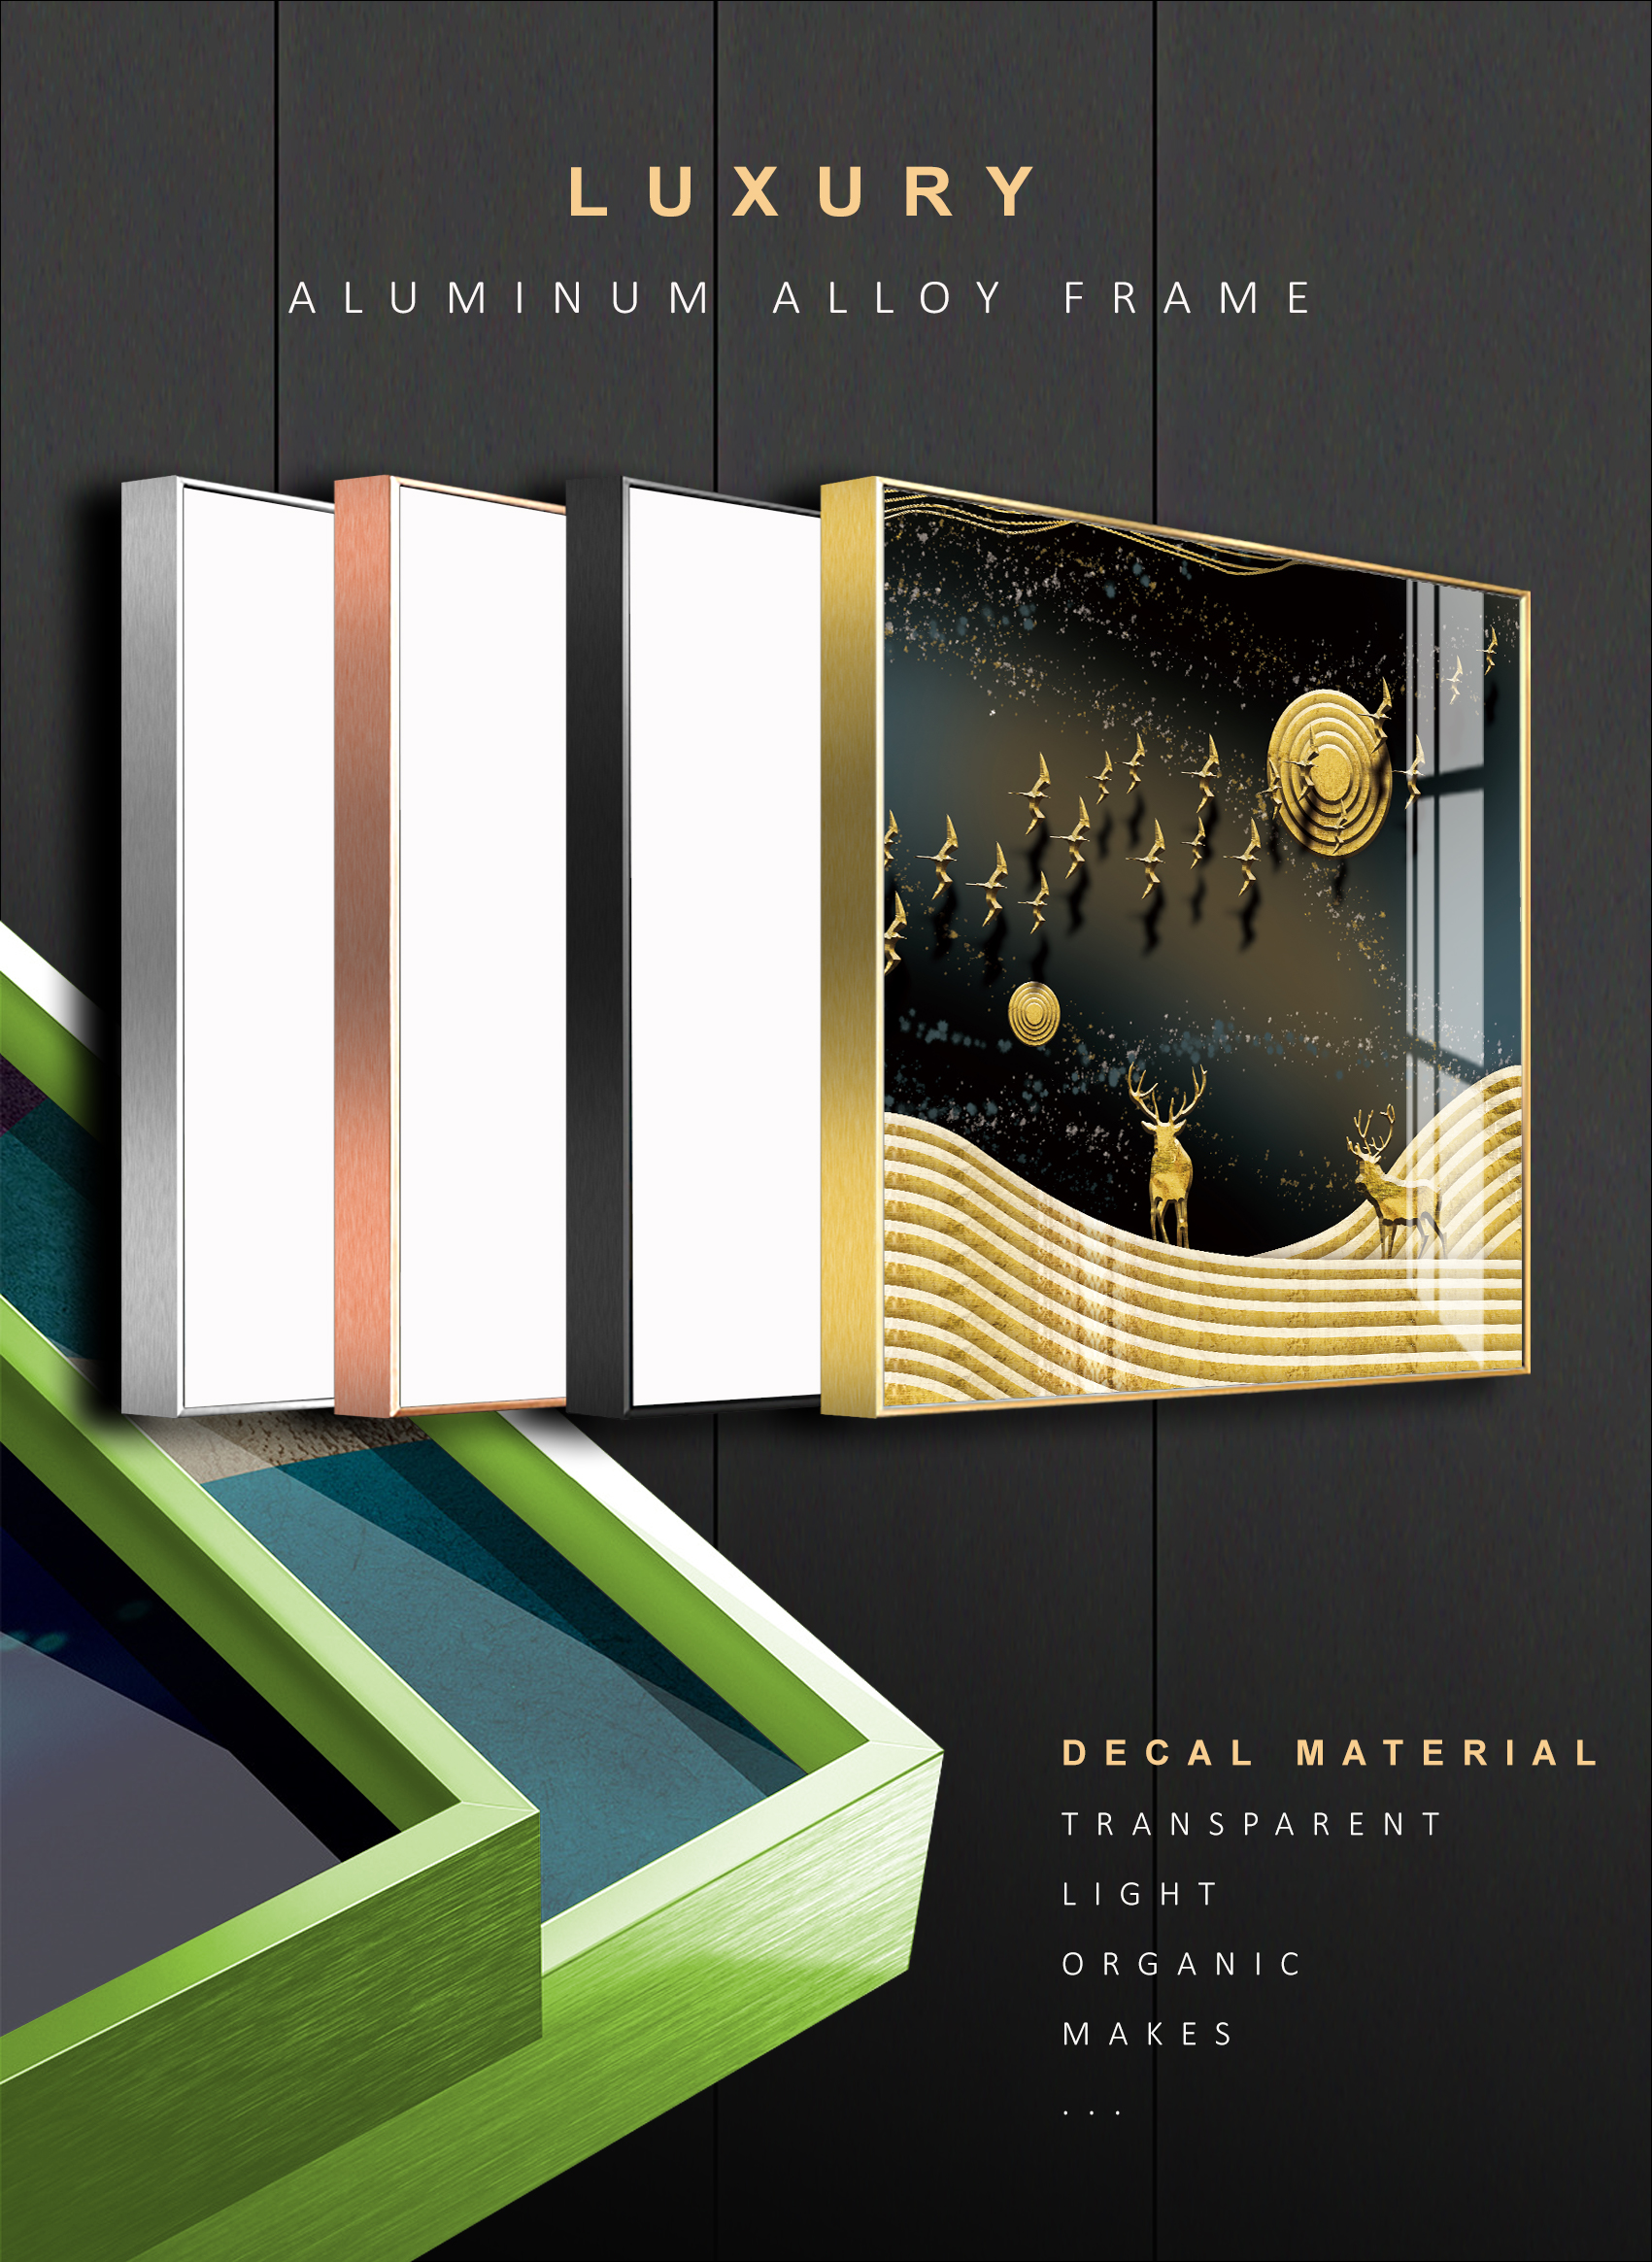 Tranh phong thuỷ Mica 3 bức Bình yên dưới ánh trăng vàng trừu tượng (Thành Đầu Thổ). Model: AZ3-0123. Khung nhôm hoặc Composite. Hình ảnh sắc nét, sang trọng, phù hợp nhiều không trang trí